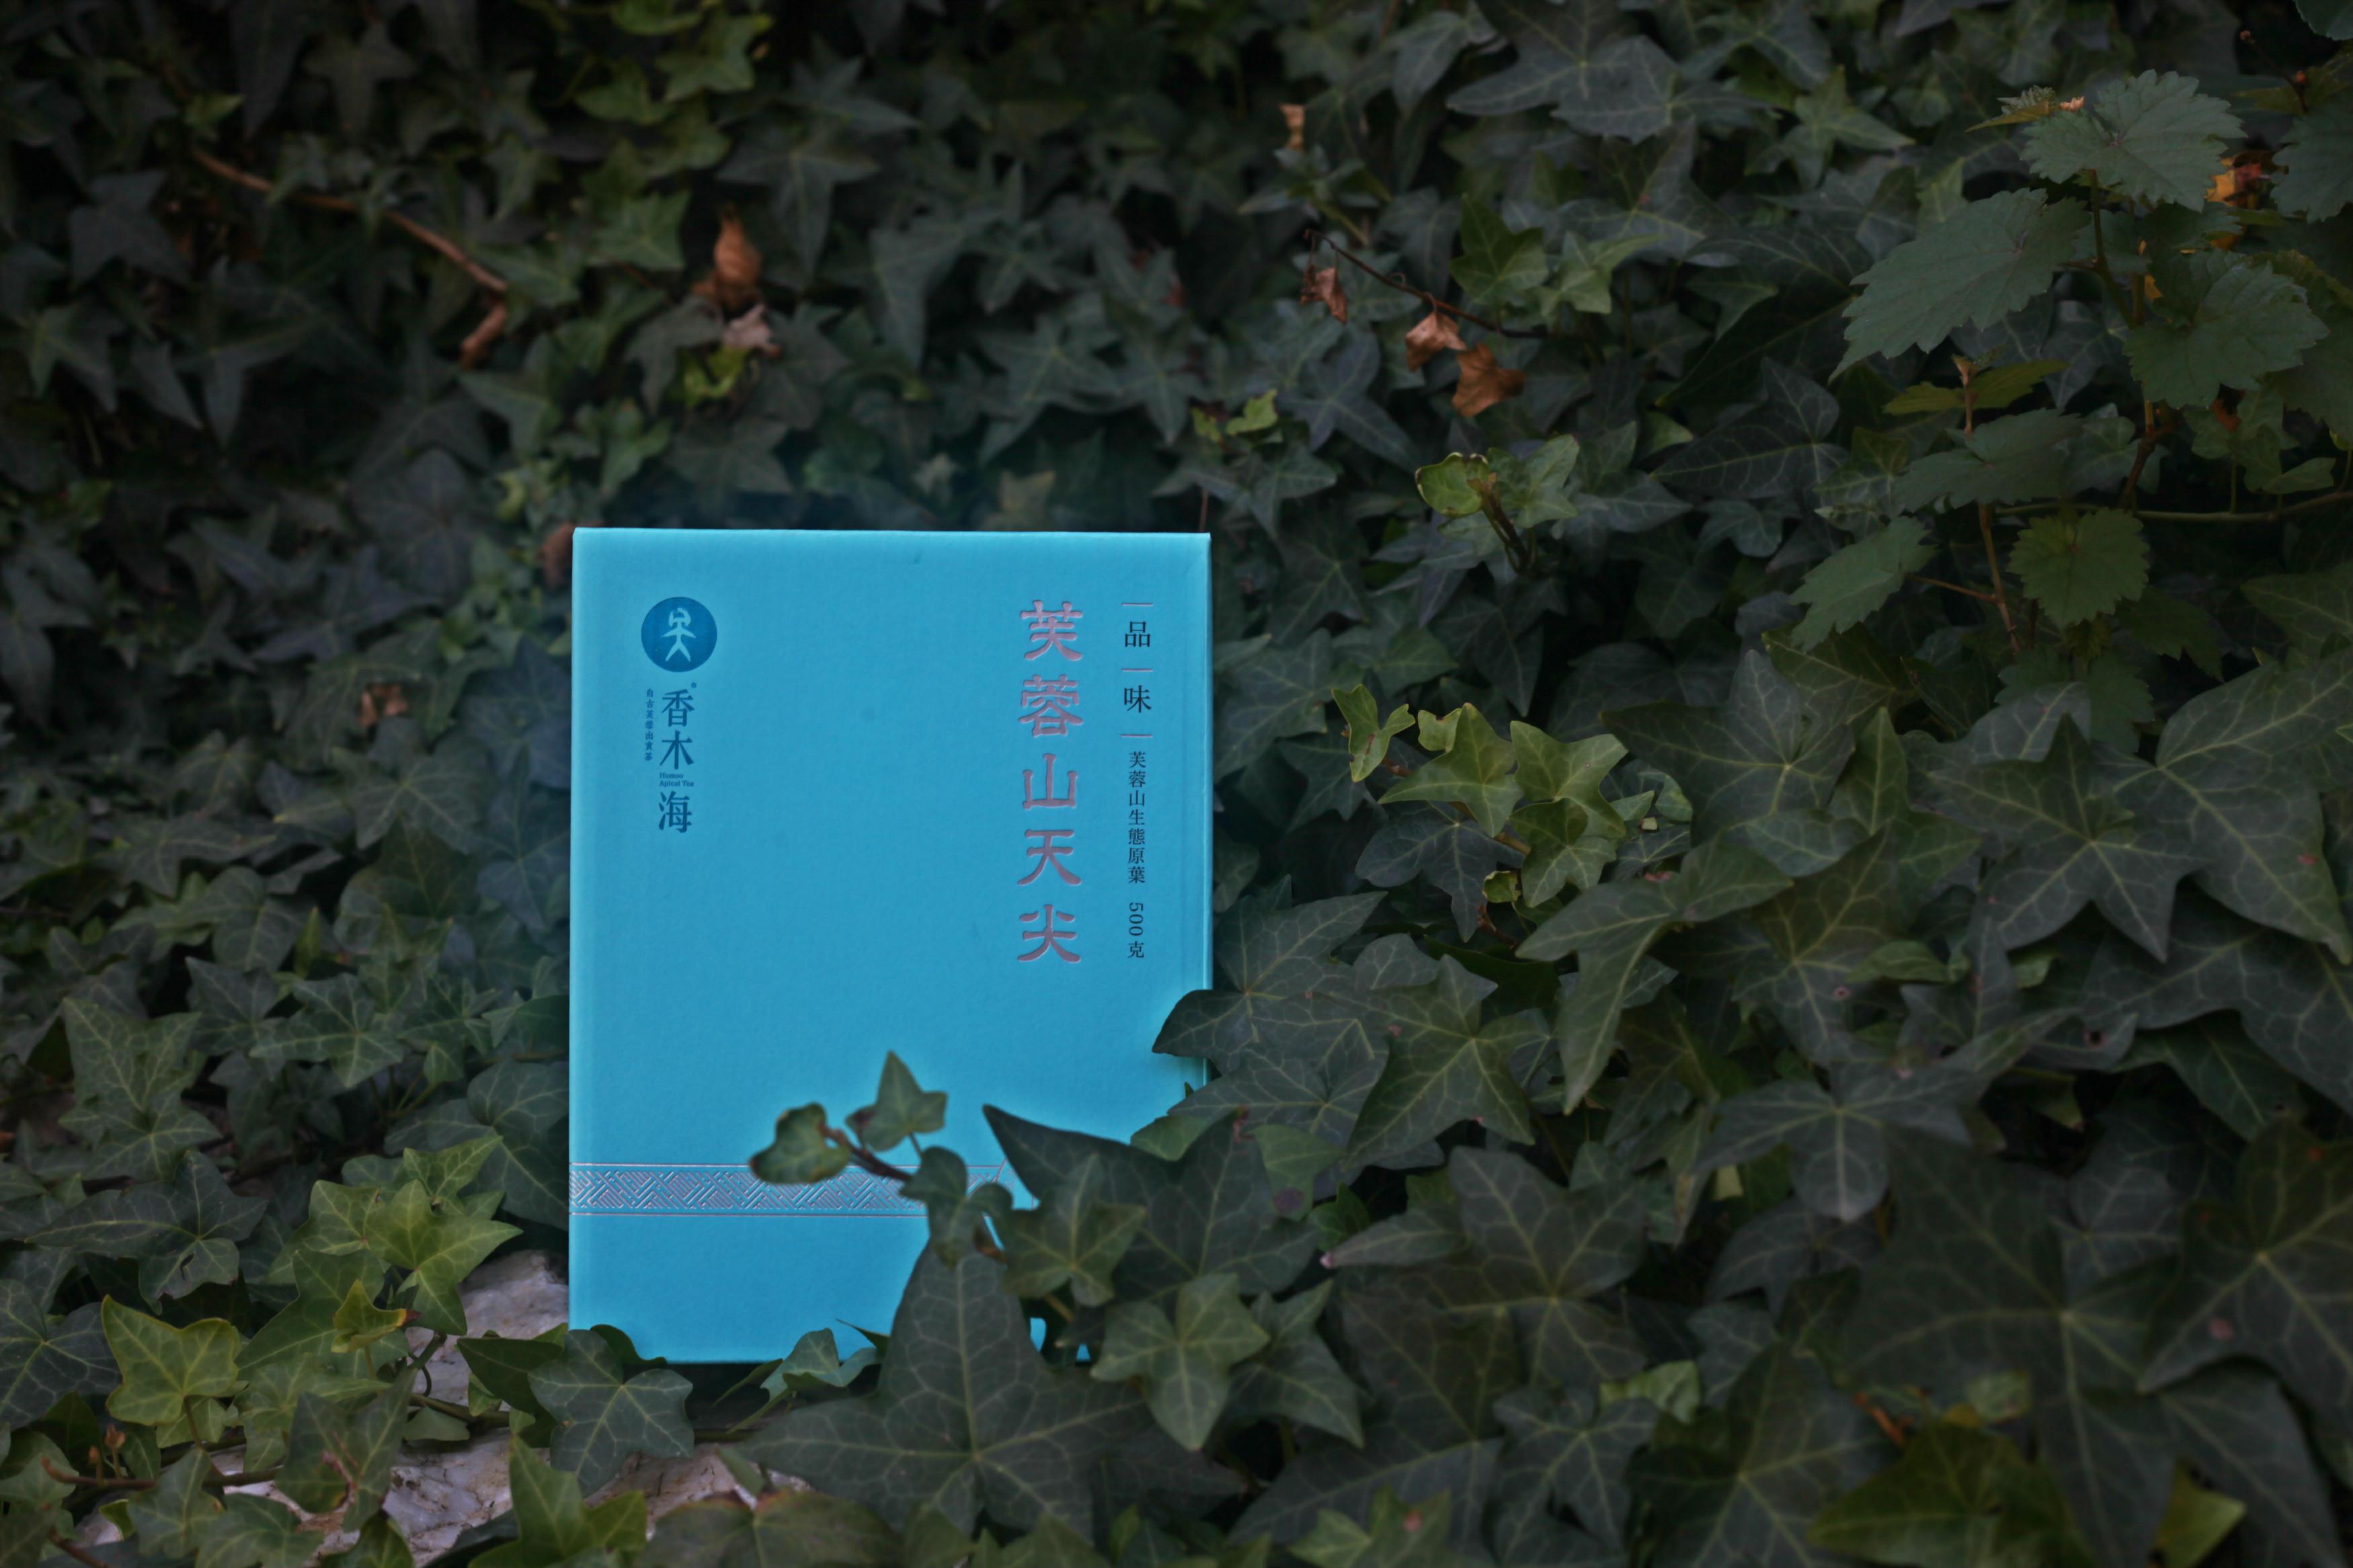 安化黑茶储存条件及影响因素[厂家分析]